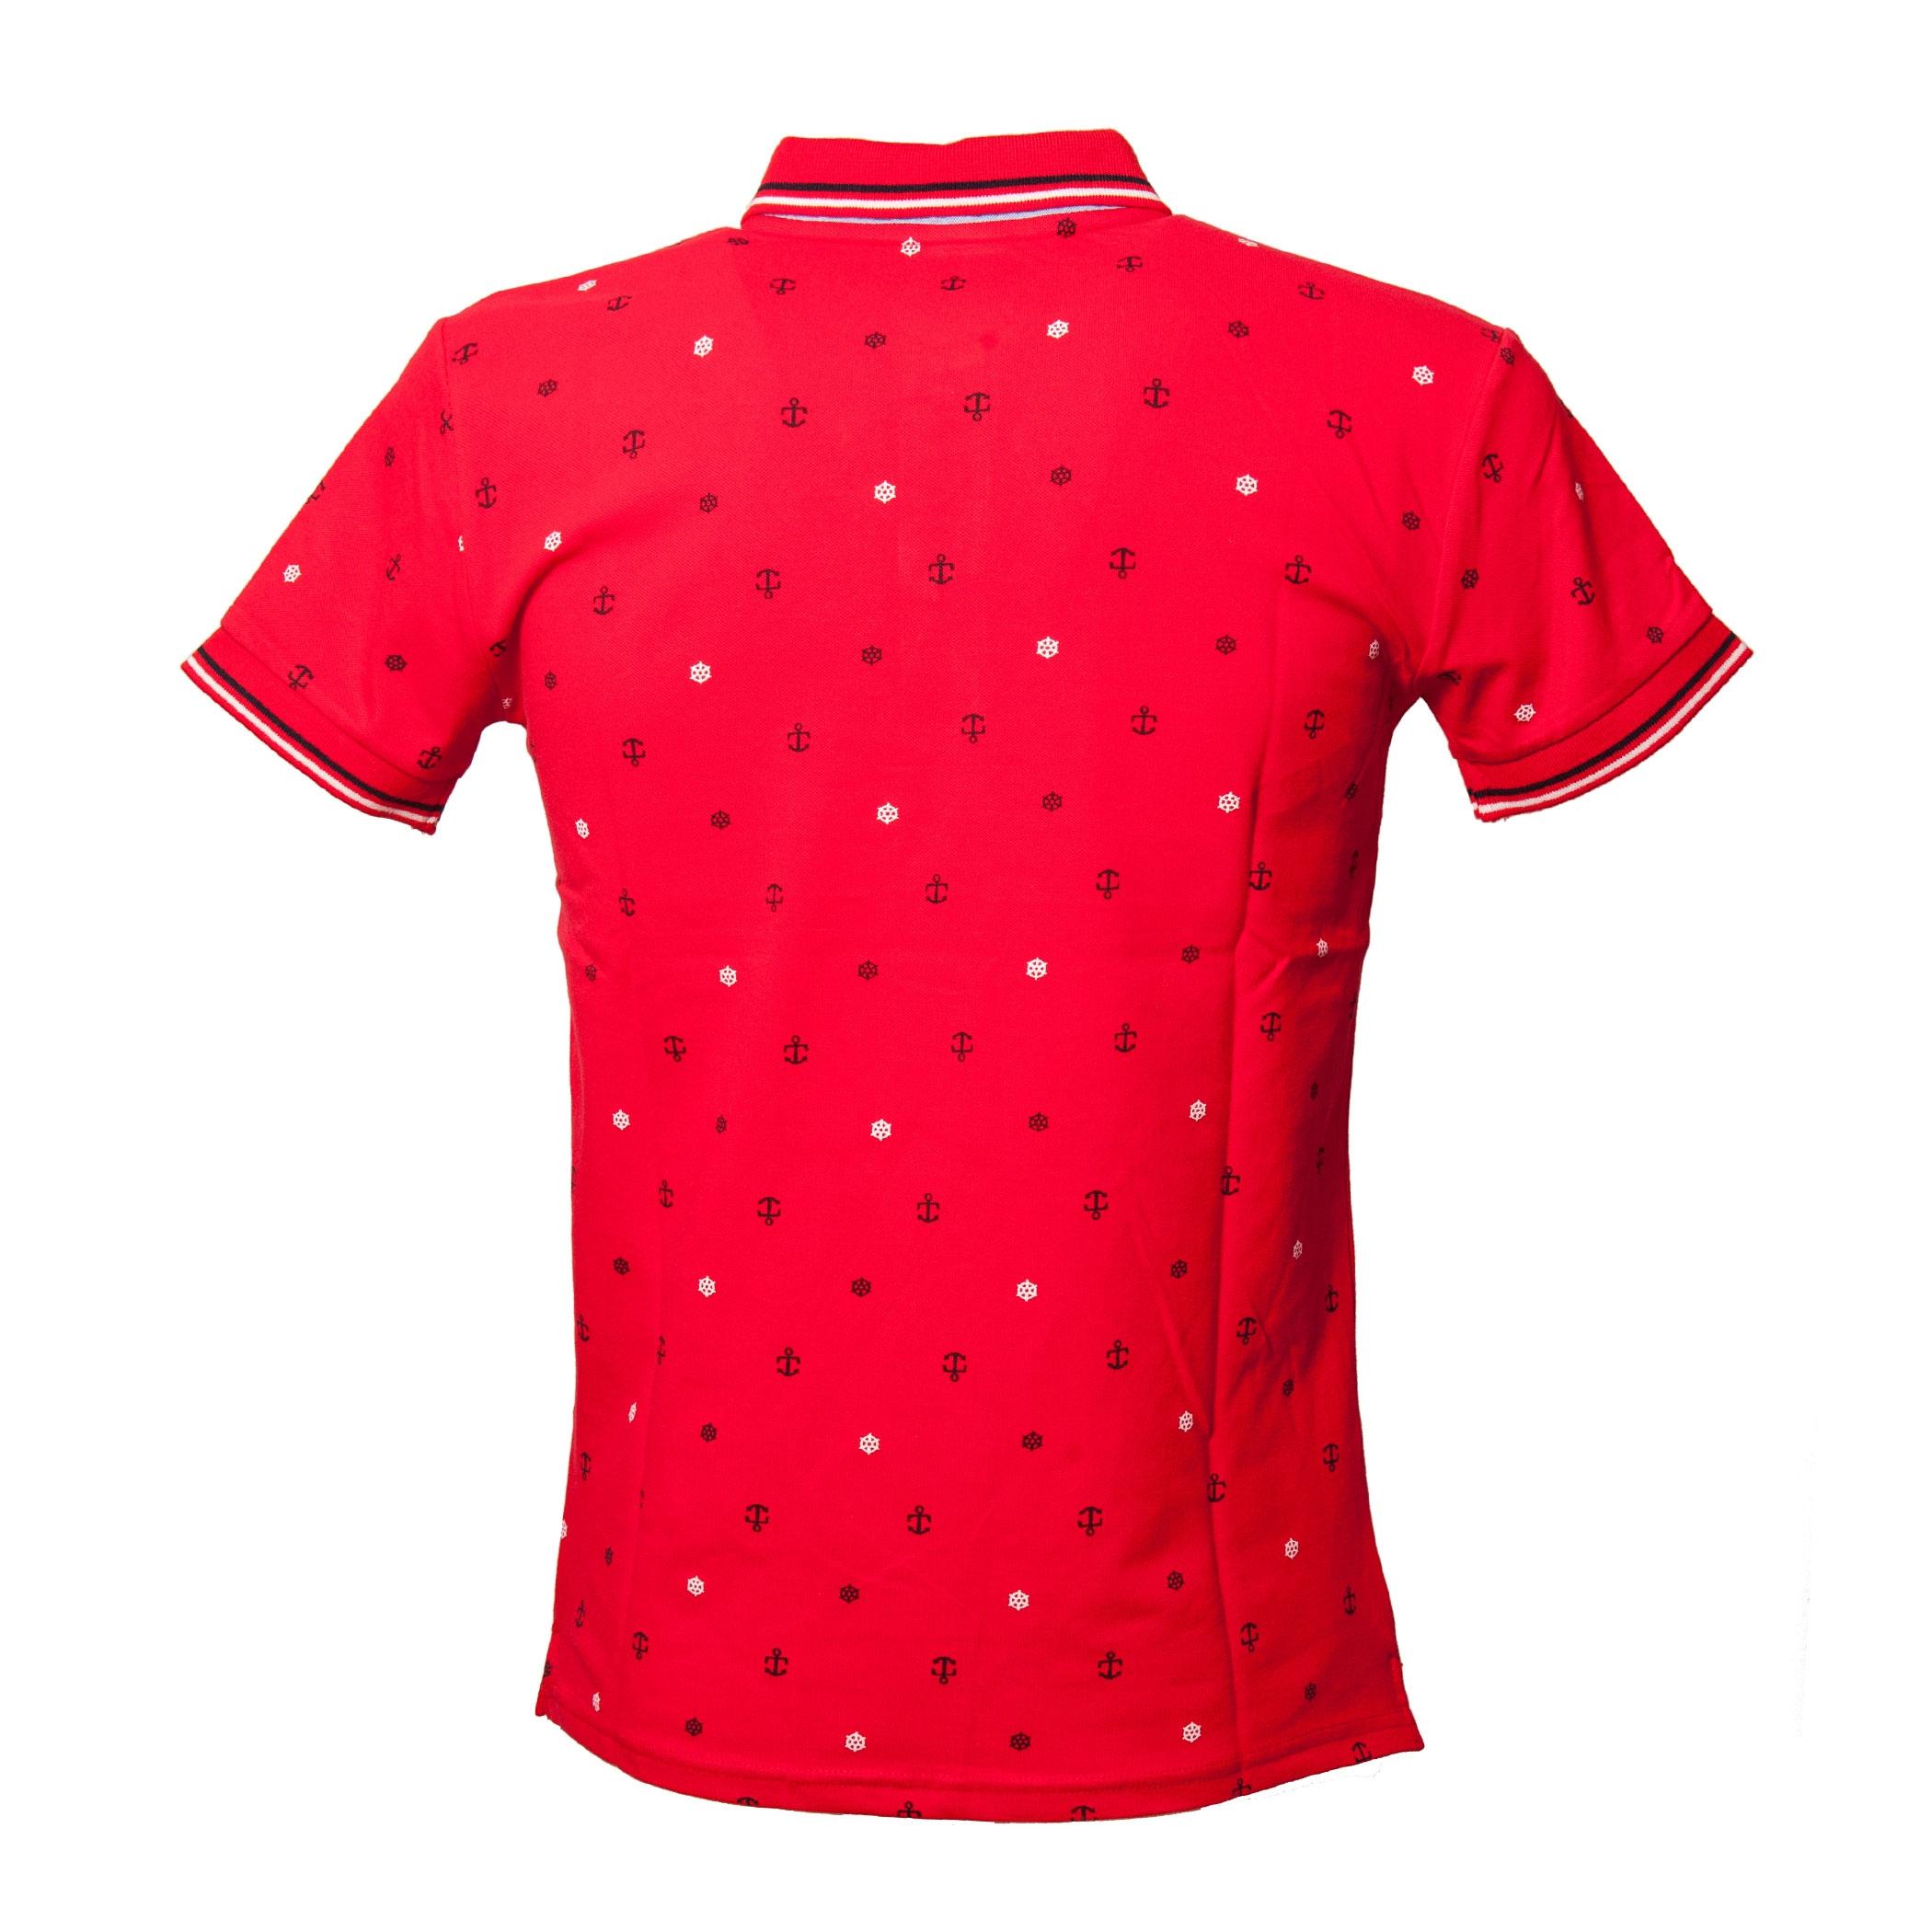 Polo-Uomo-Manica-Corta-Cotone-Casual-Maglietta-Slim-Fit-Maglia-Sportiva-T-shirt miniatura 13